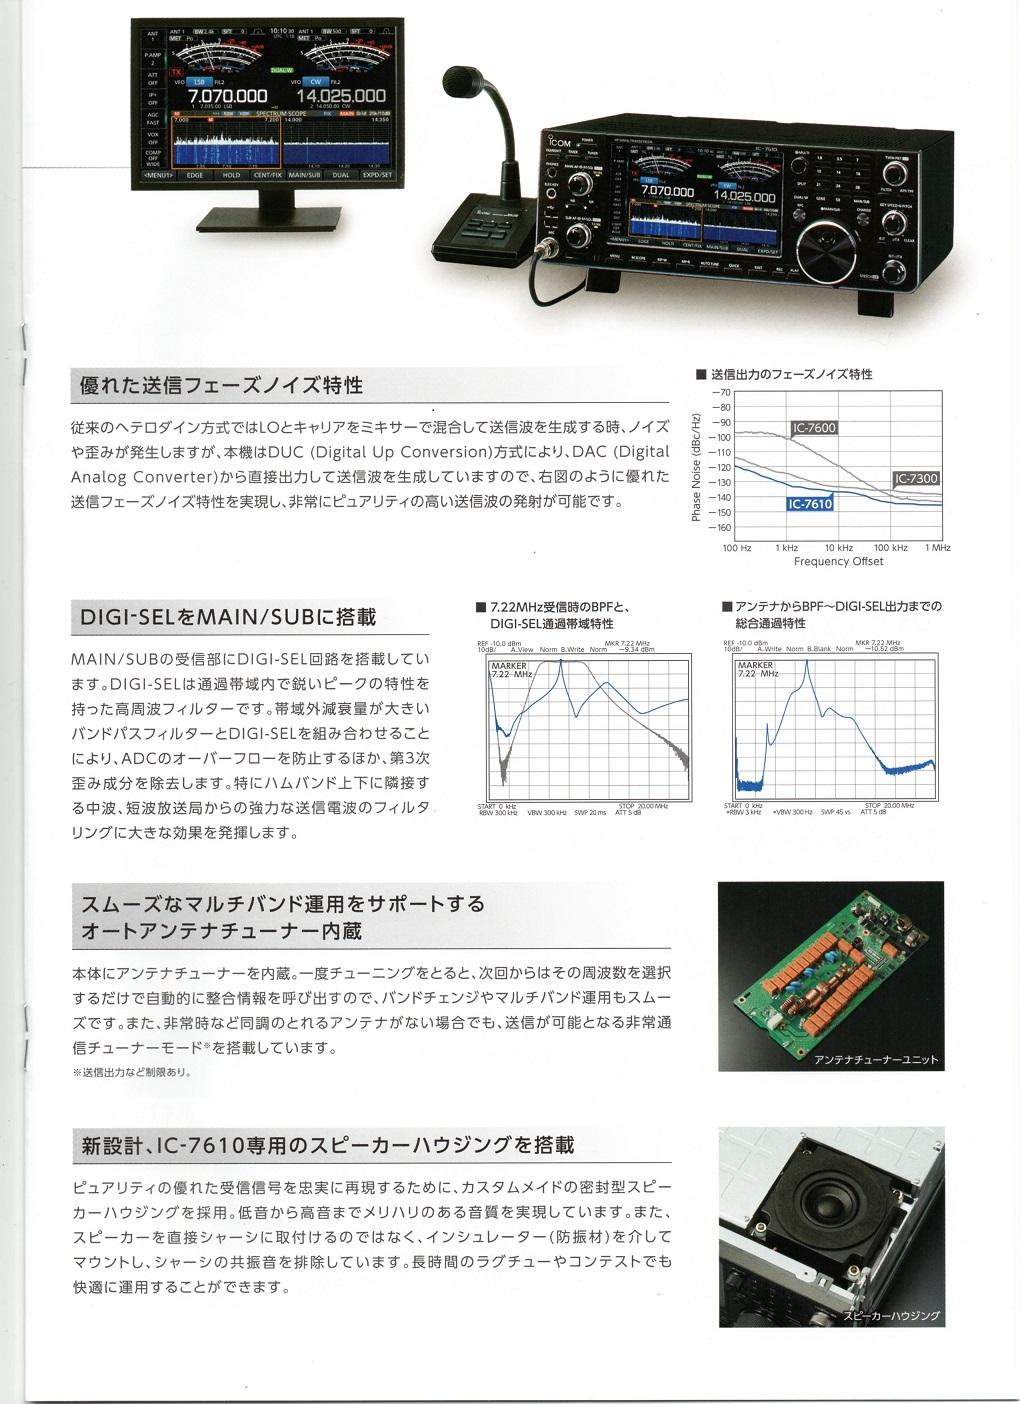 IC7610カタログ5